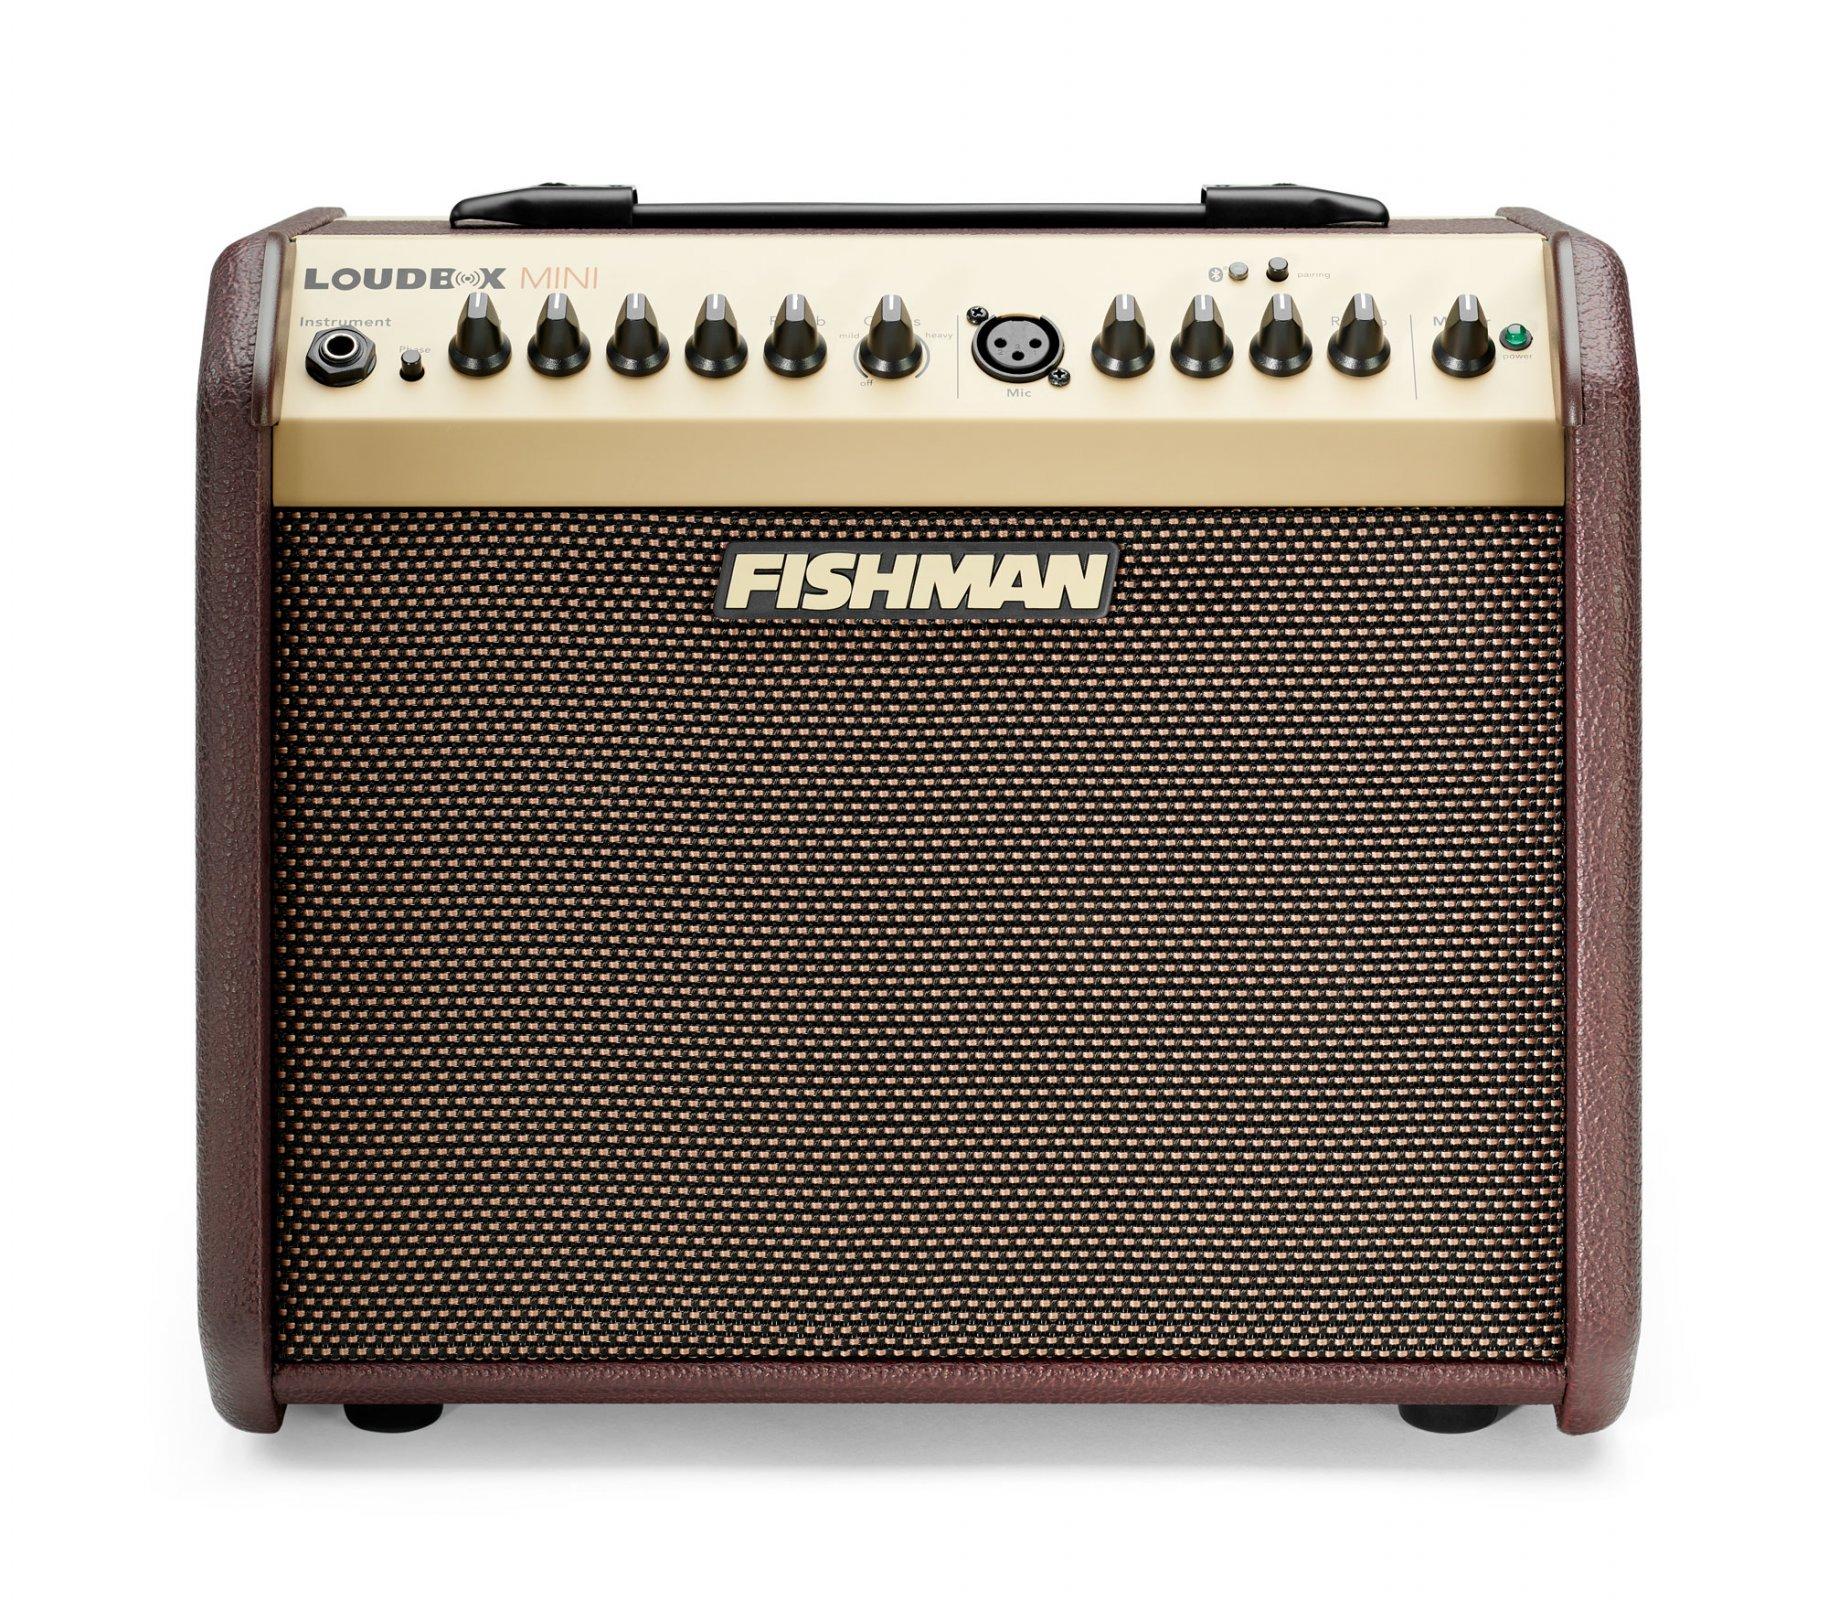 Fishman Loudbox Mini PRO-LBX-500 Acoustic Combo Amplifier